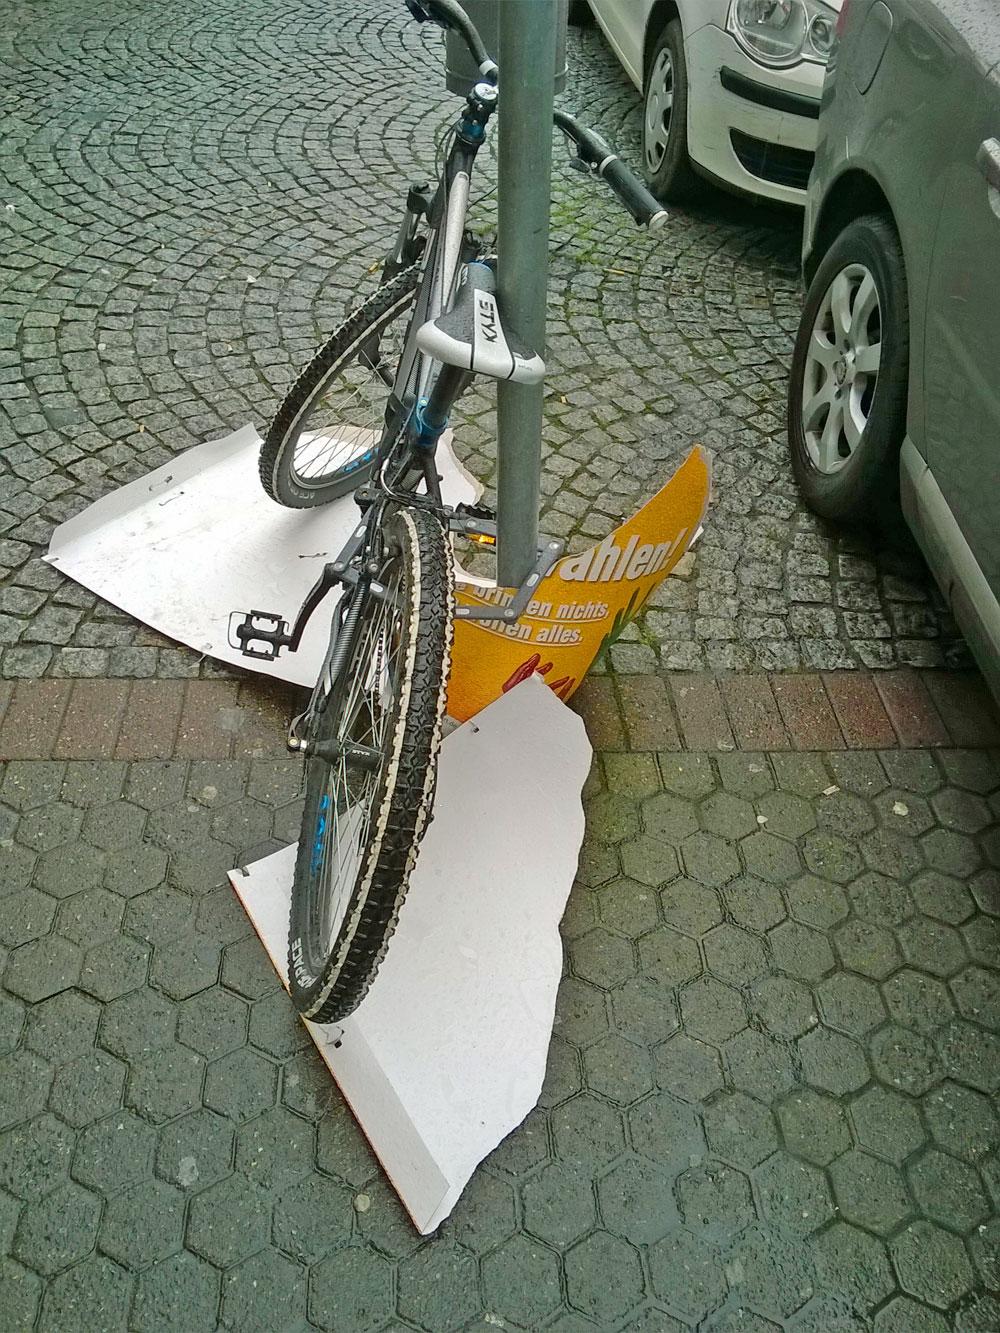 bff-buerger-fuer-frankfurt-wahl-plakat-abgerissen-berger-strasse-6